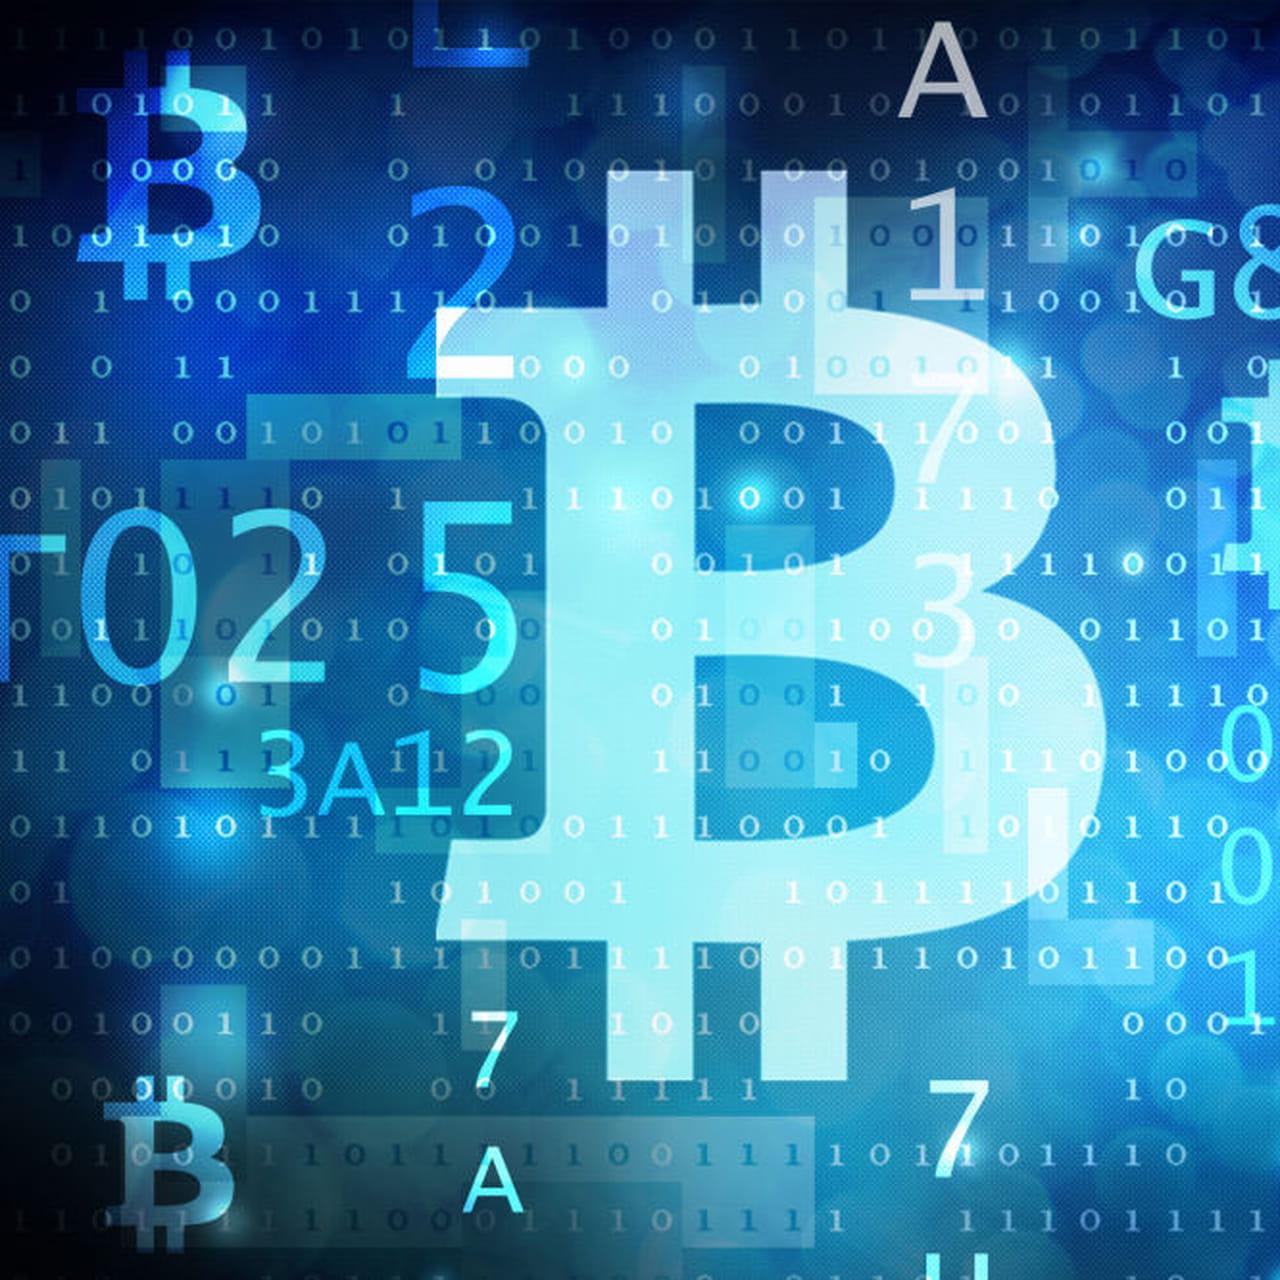 Cryptomonnaie : définition et synonymes